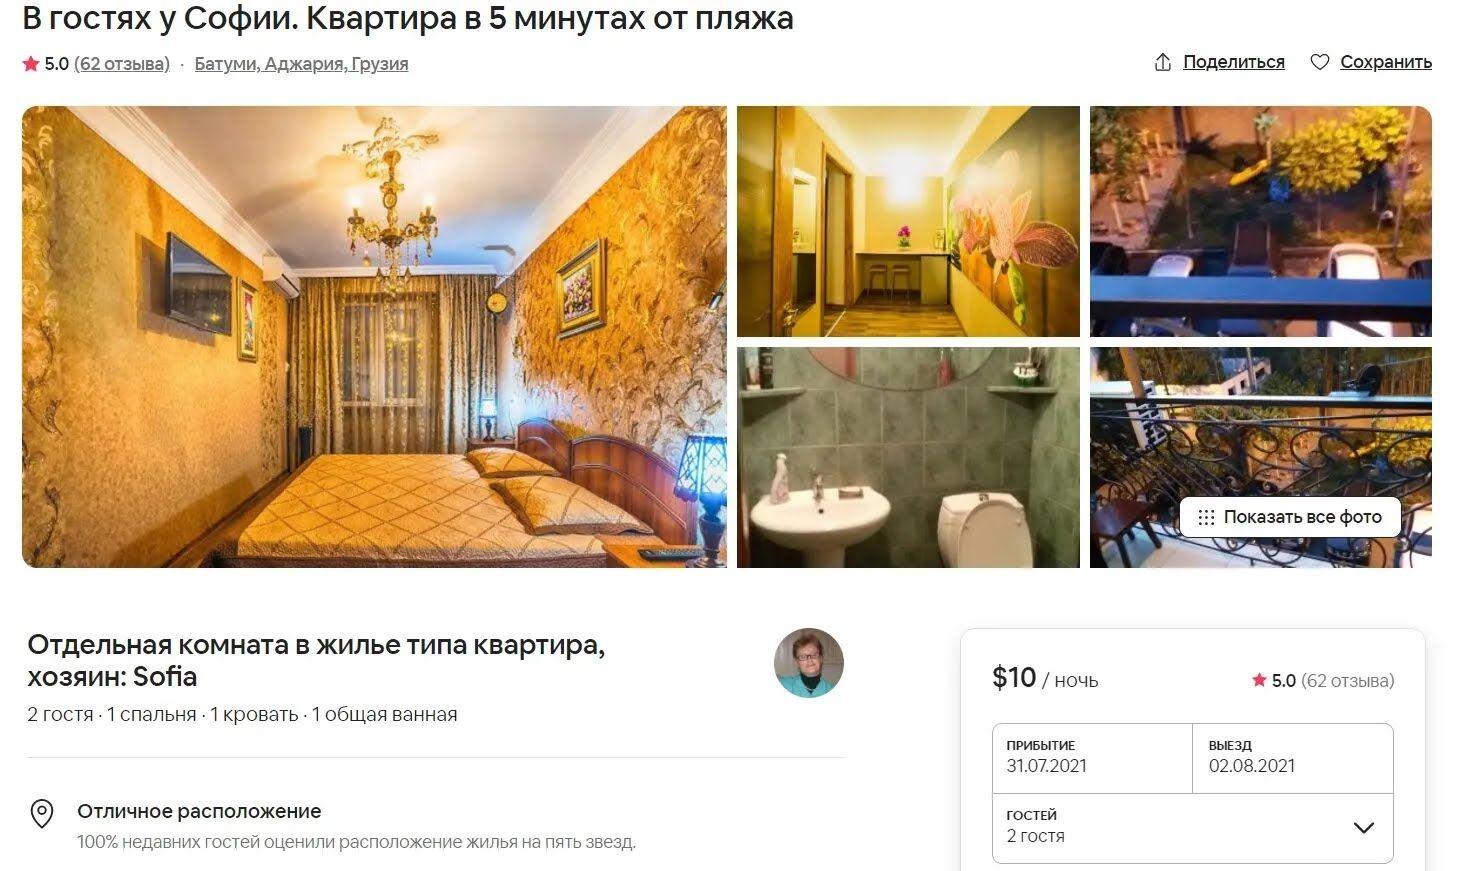 Орендувати невелику квартиру з хорошими умовами для двох недалеко від моря можна від 10 доларів за ніч